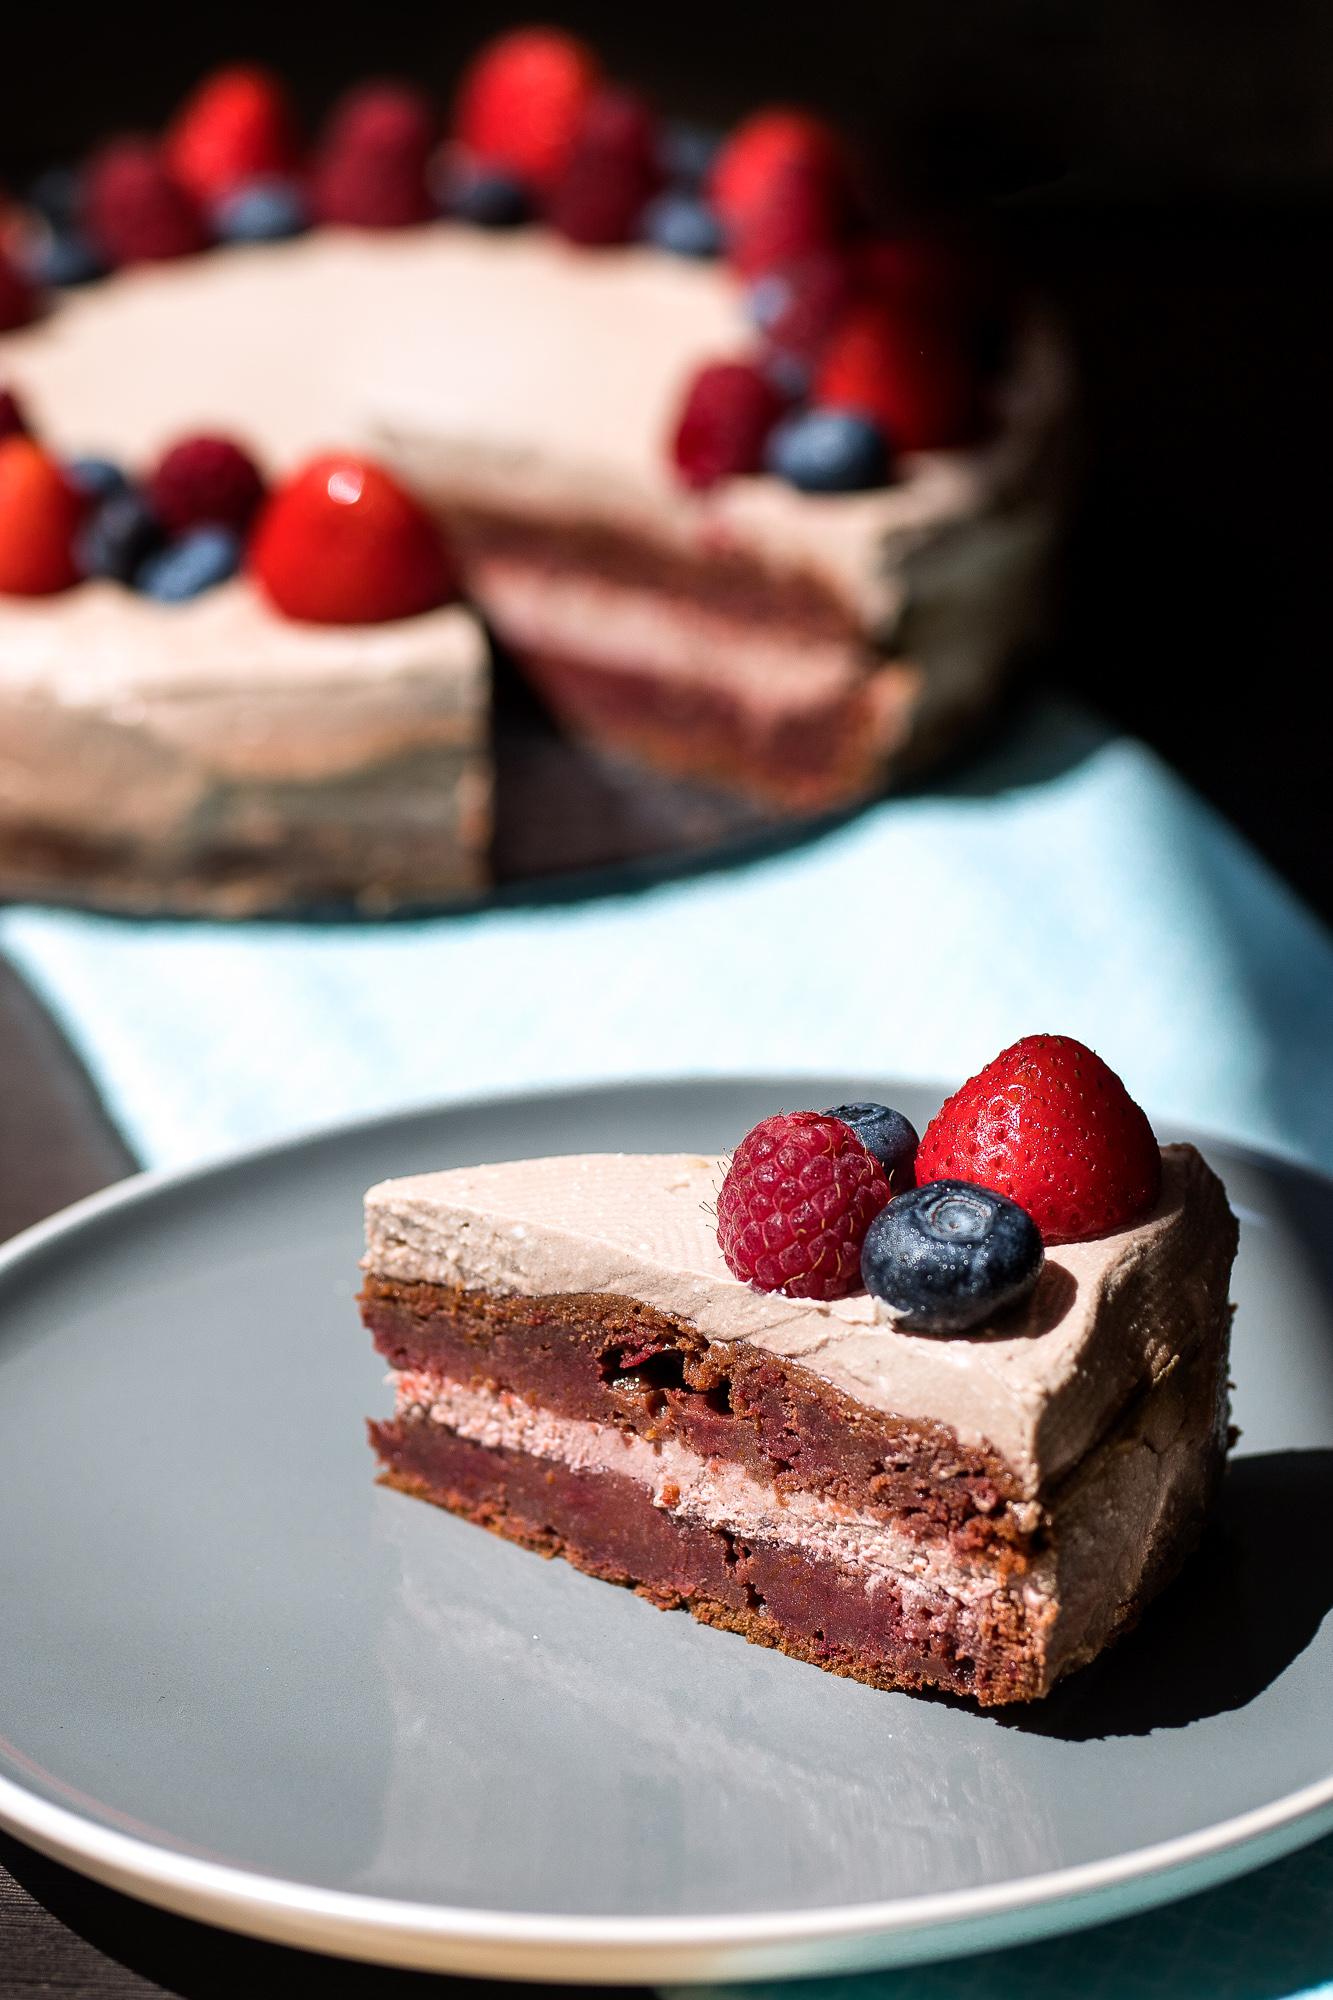 Famózna čokoládová cviklová torta bez lepku s tvarohovým krémom.